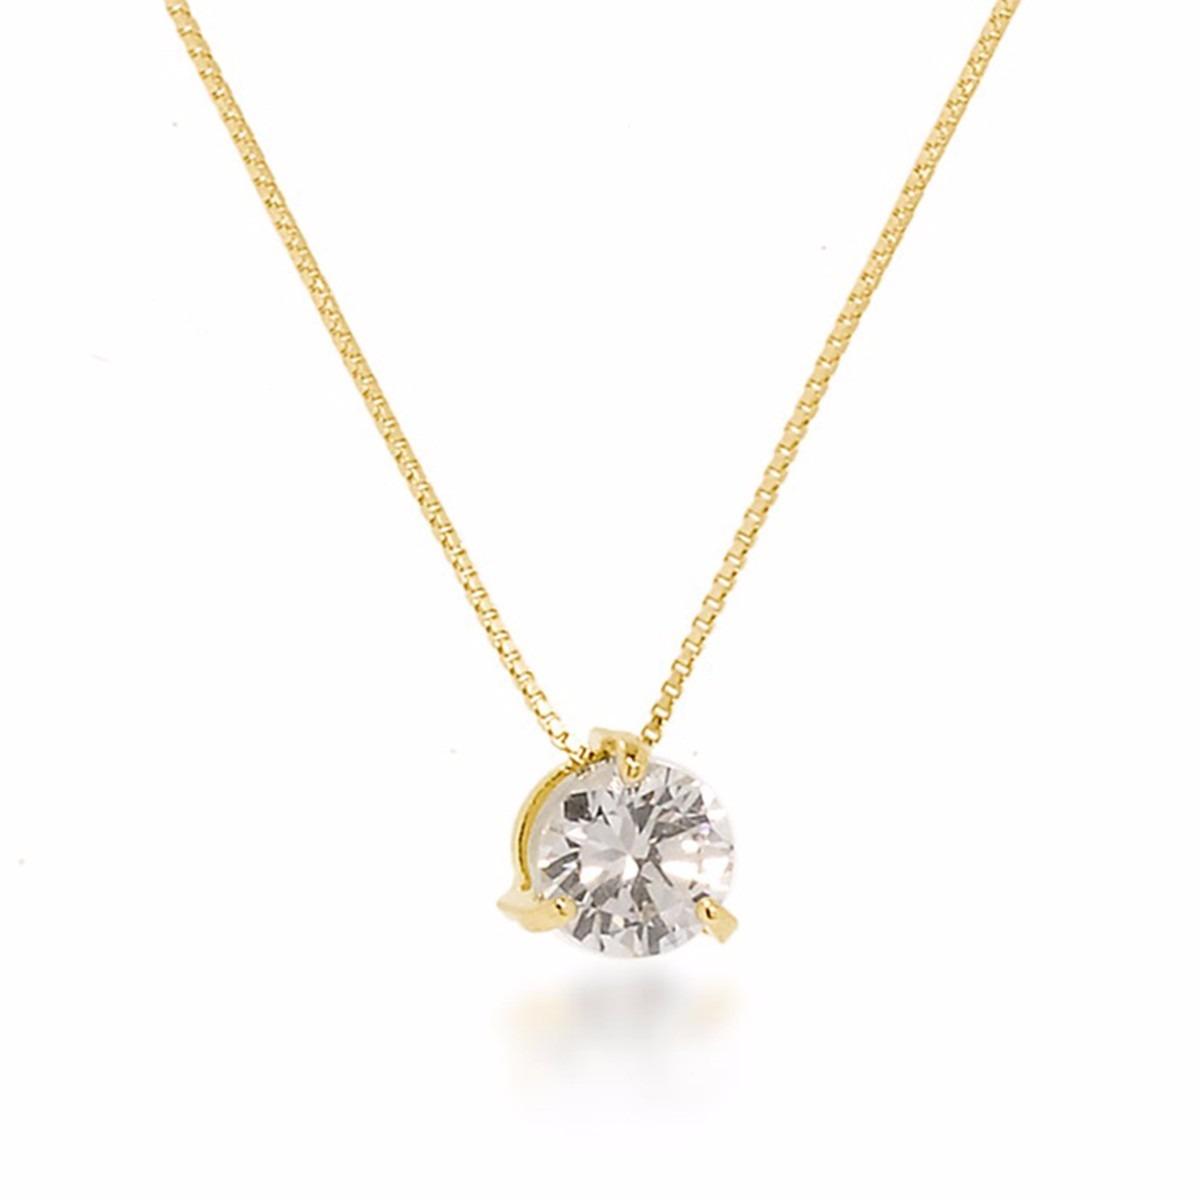 8bc9174eb4ba9 colar com ponto de luz brilhante feminino banhado ouro 18k. Carregando zoom.